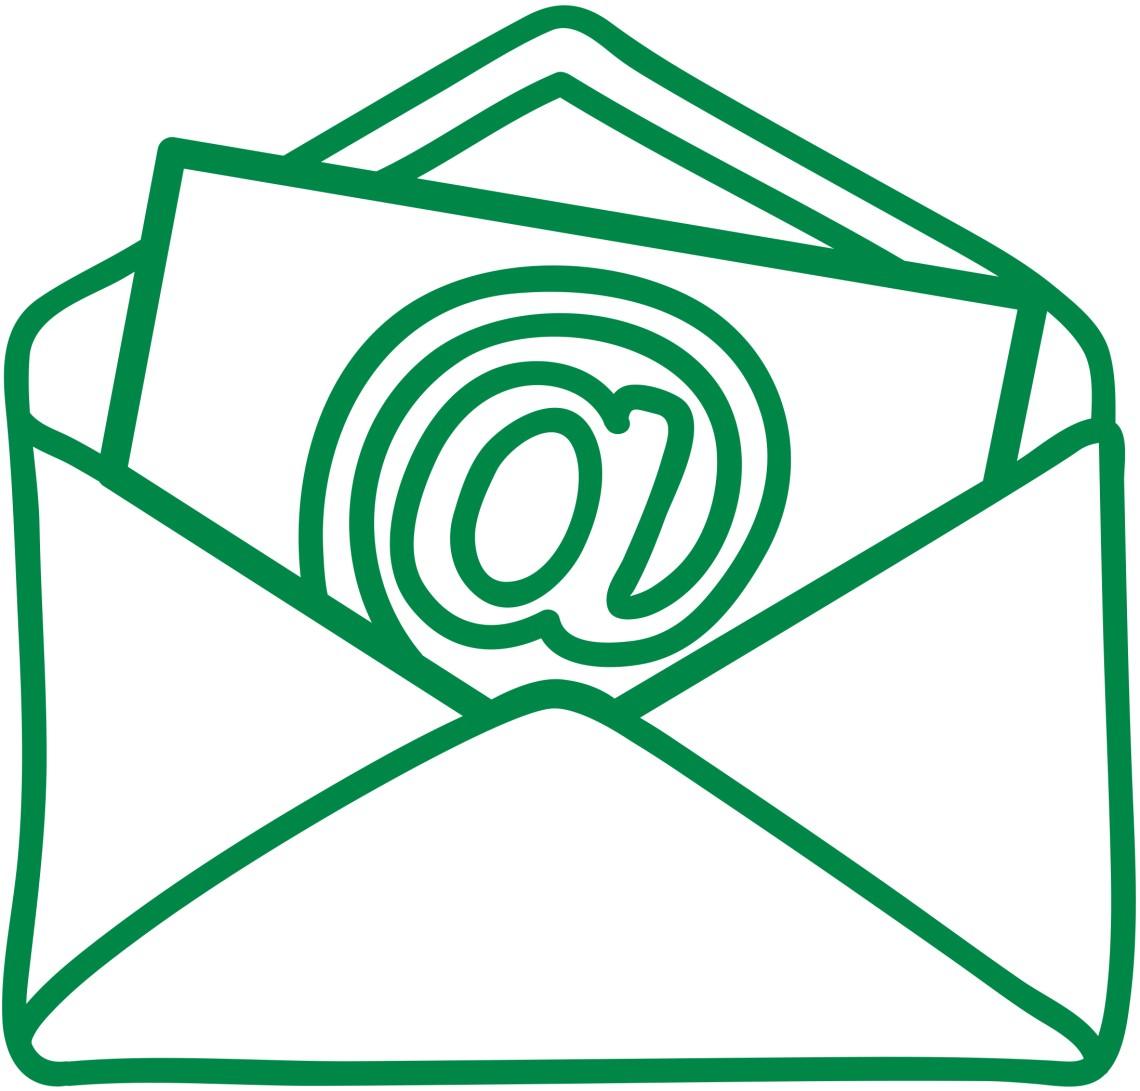 Kettenbrief bin wichtig ich wenn dir Kettenbrief von